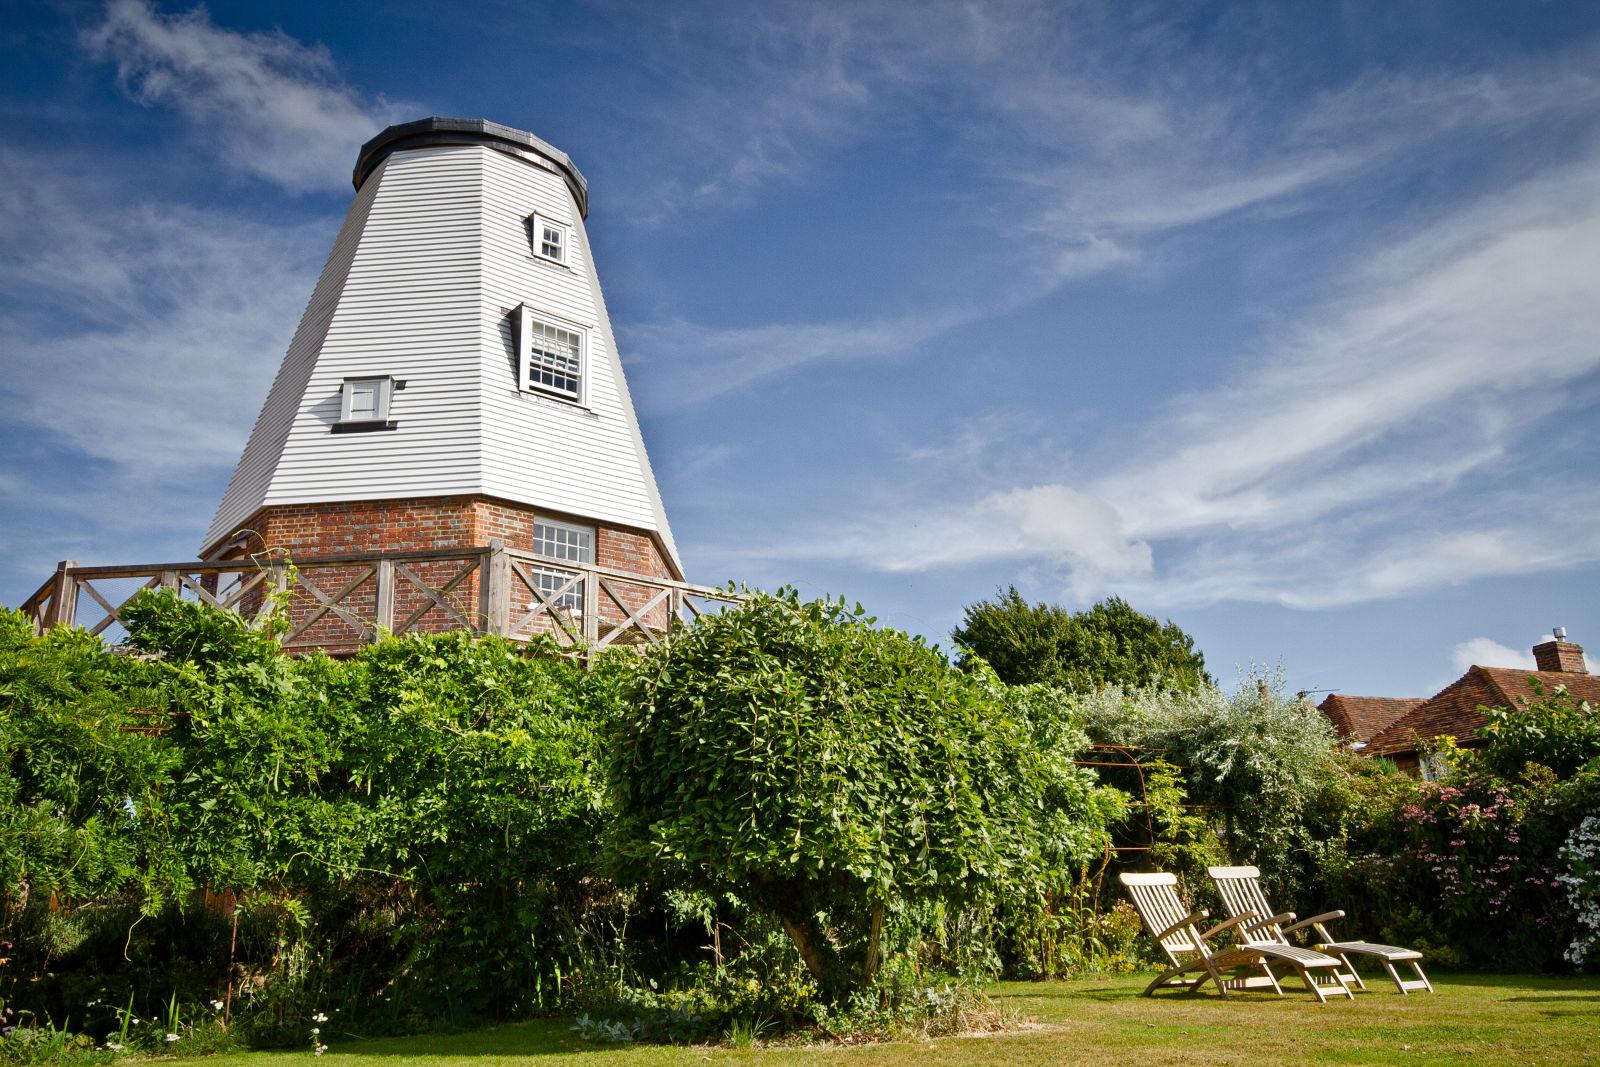 Kent windmill, Windmill Kent, Old Smock Windmill